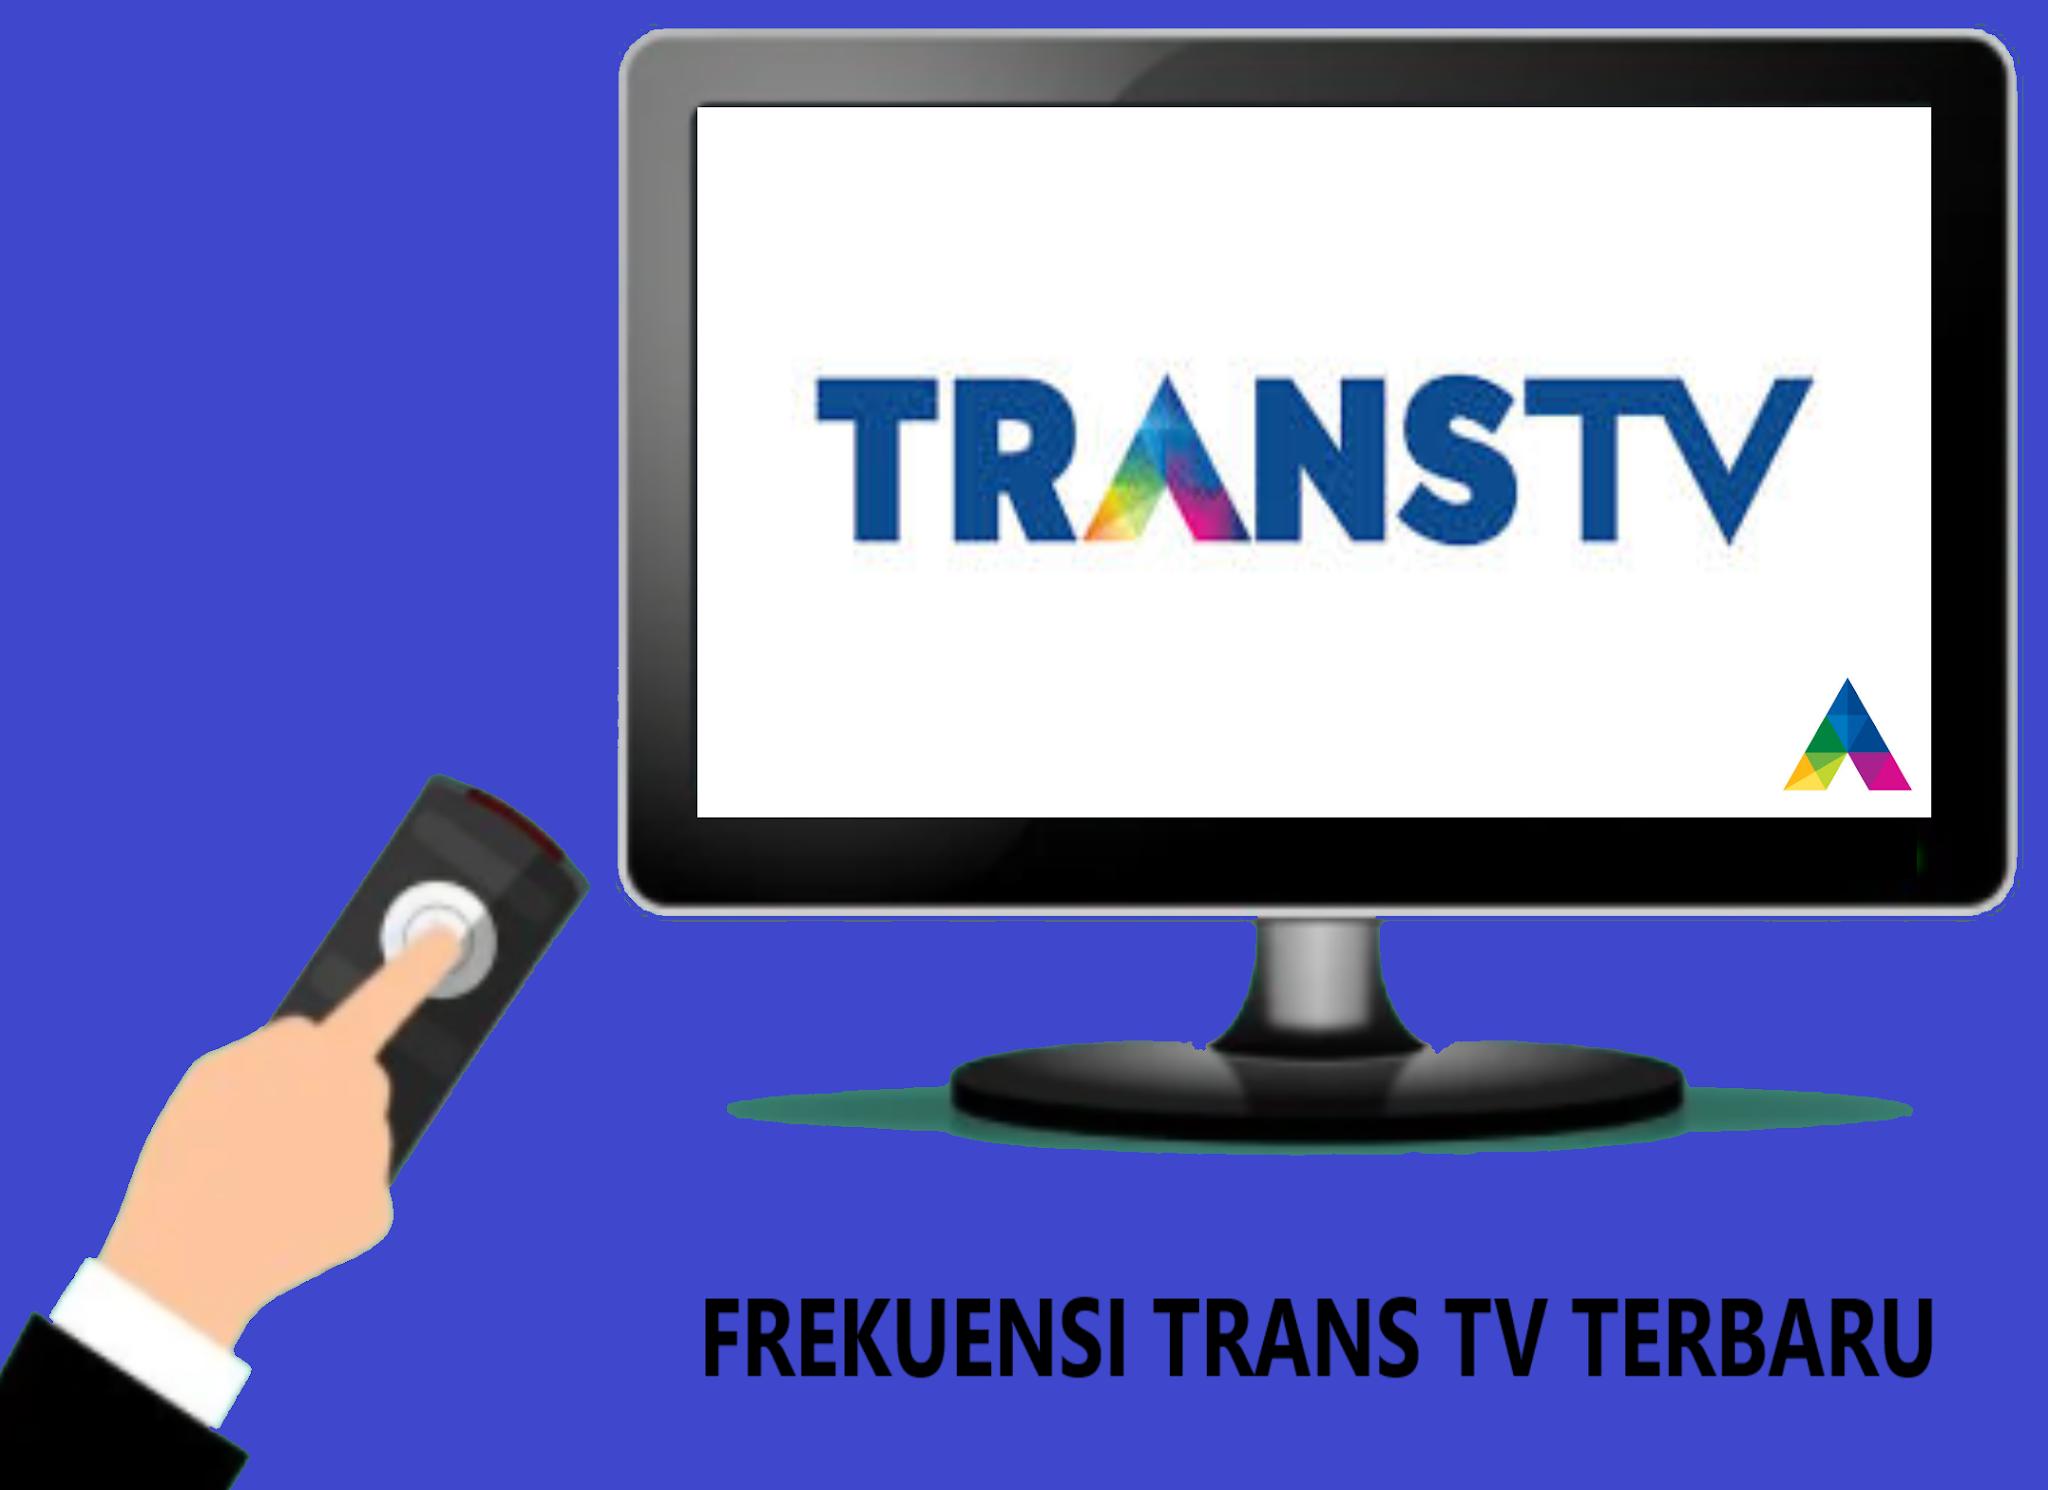 Frekuensi Trans TV Terbaru Di Telkom 4 (Update 2020)